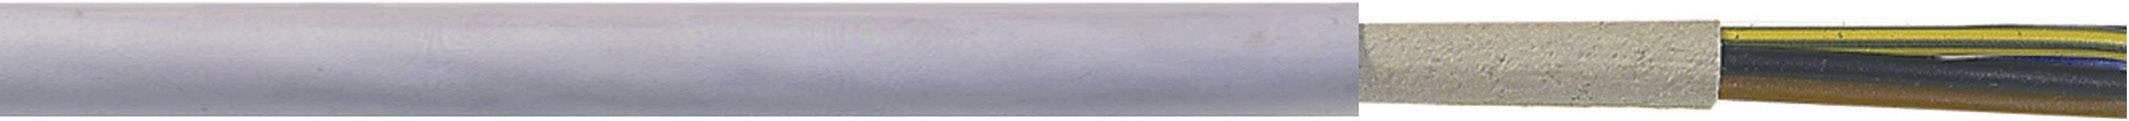 Opláštené vedenie LappKabel NYM-J 16000023, 5 G 1.50 mm², metrový tovar, sivá